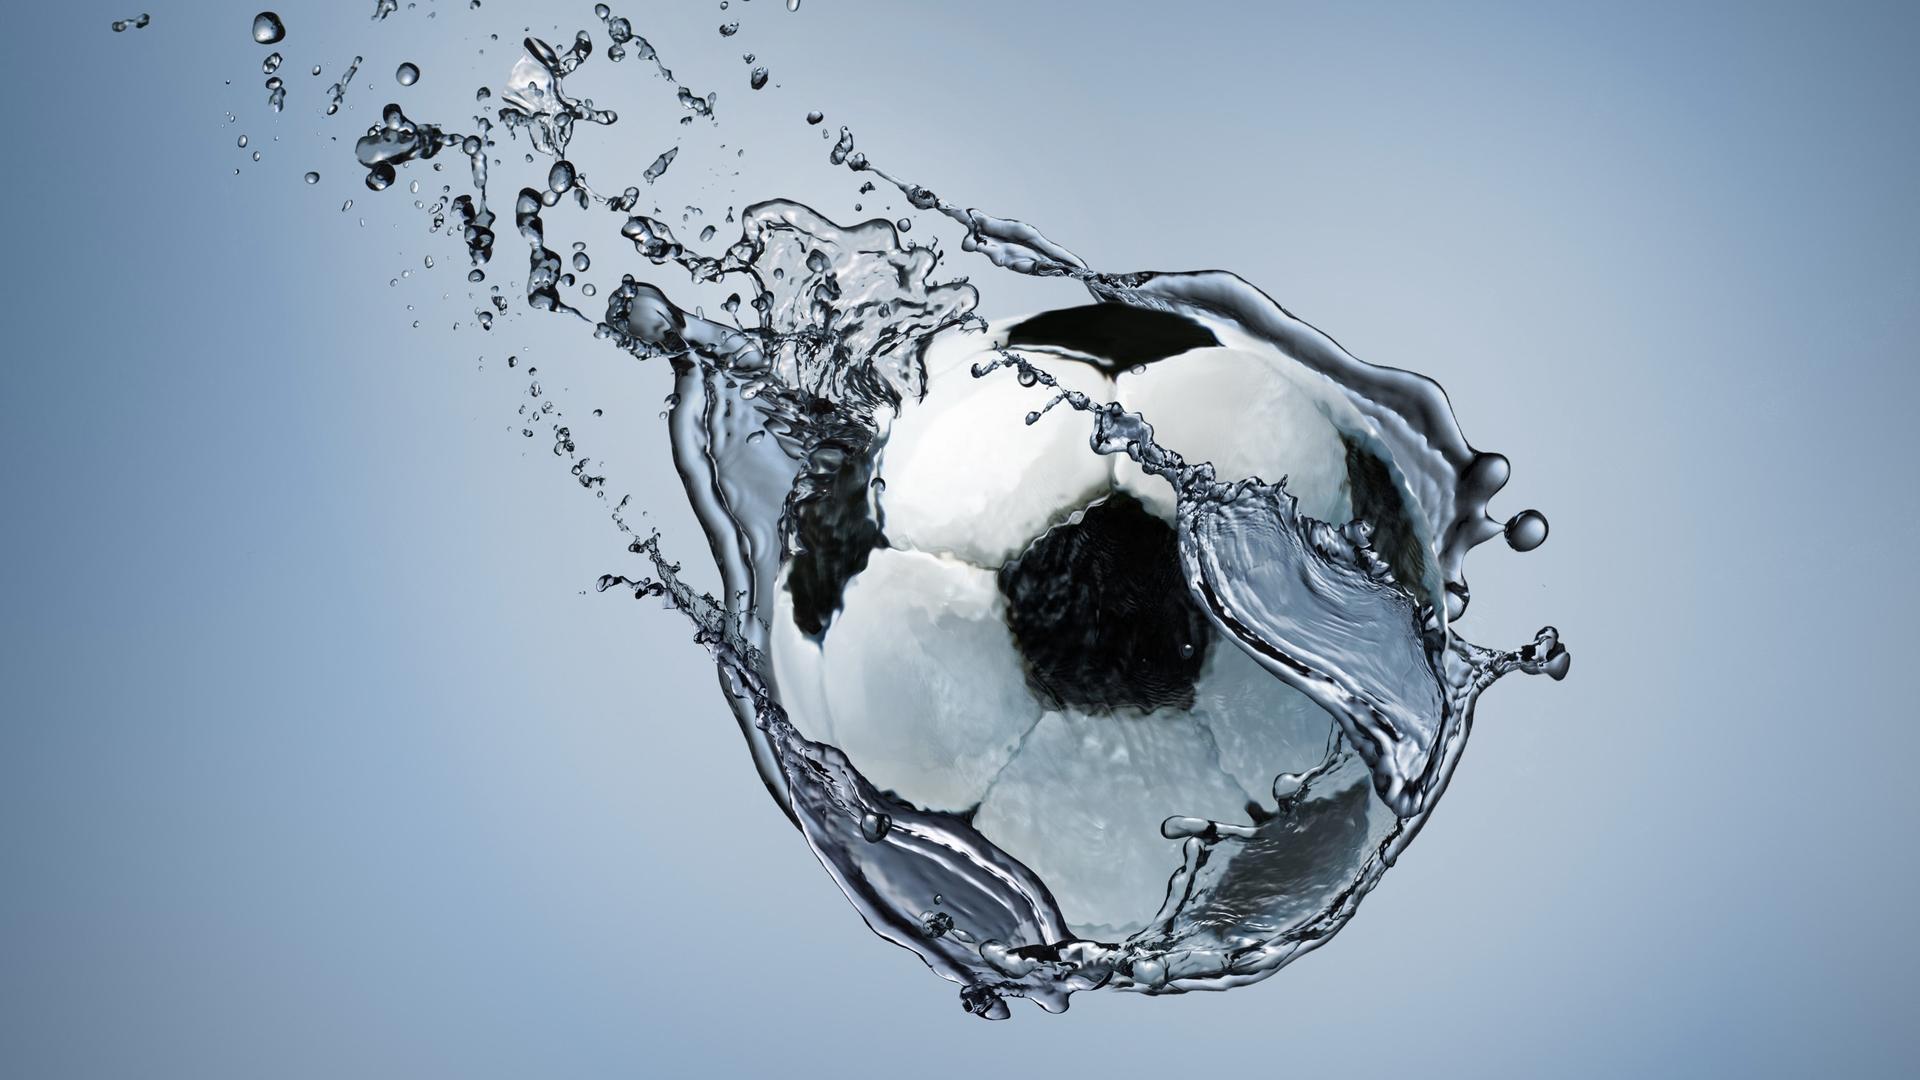 football-water-splash-lu.jpg